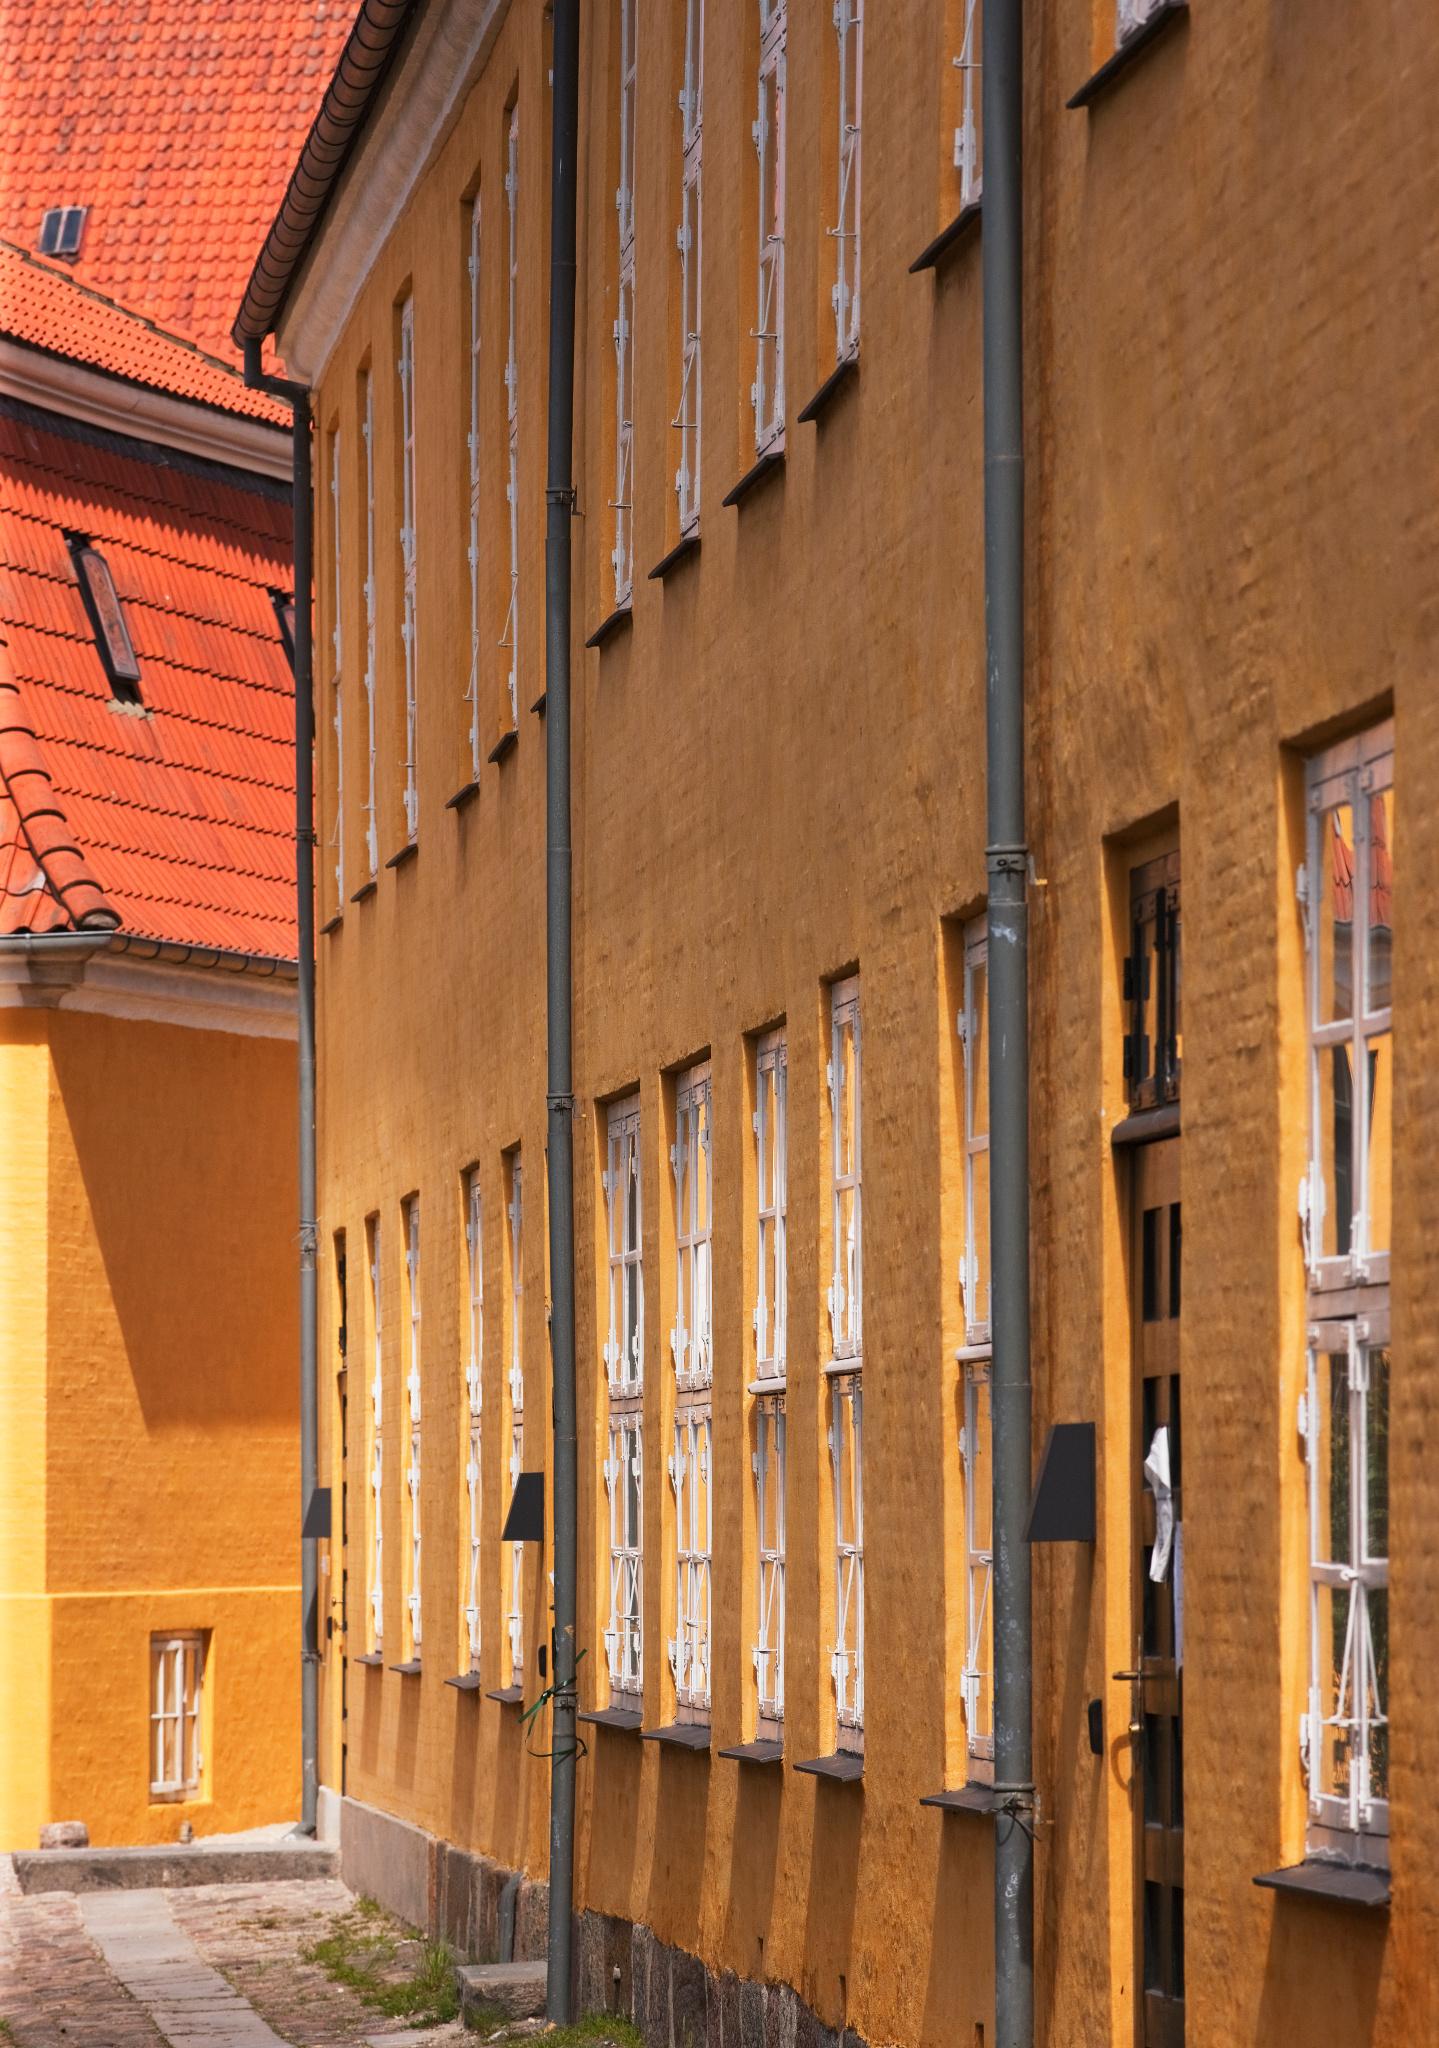 Fæstningen_Bygn4_LG